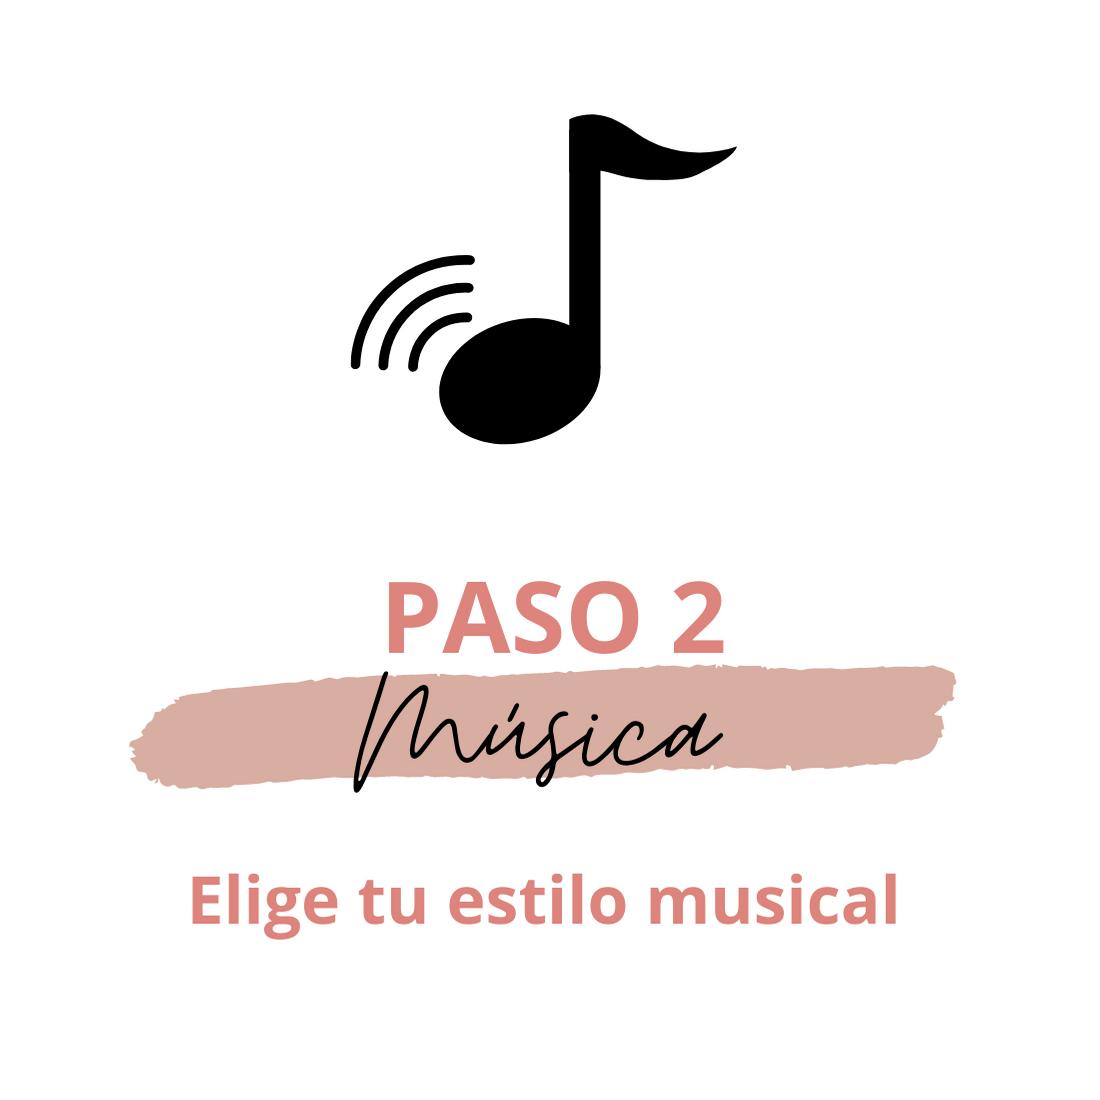 Paso 2 música